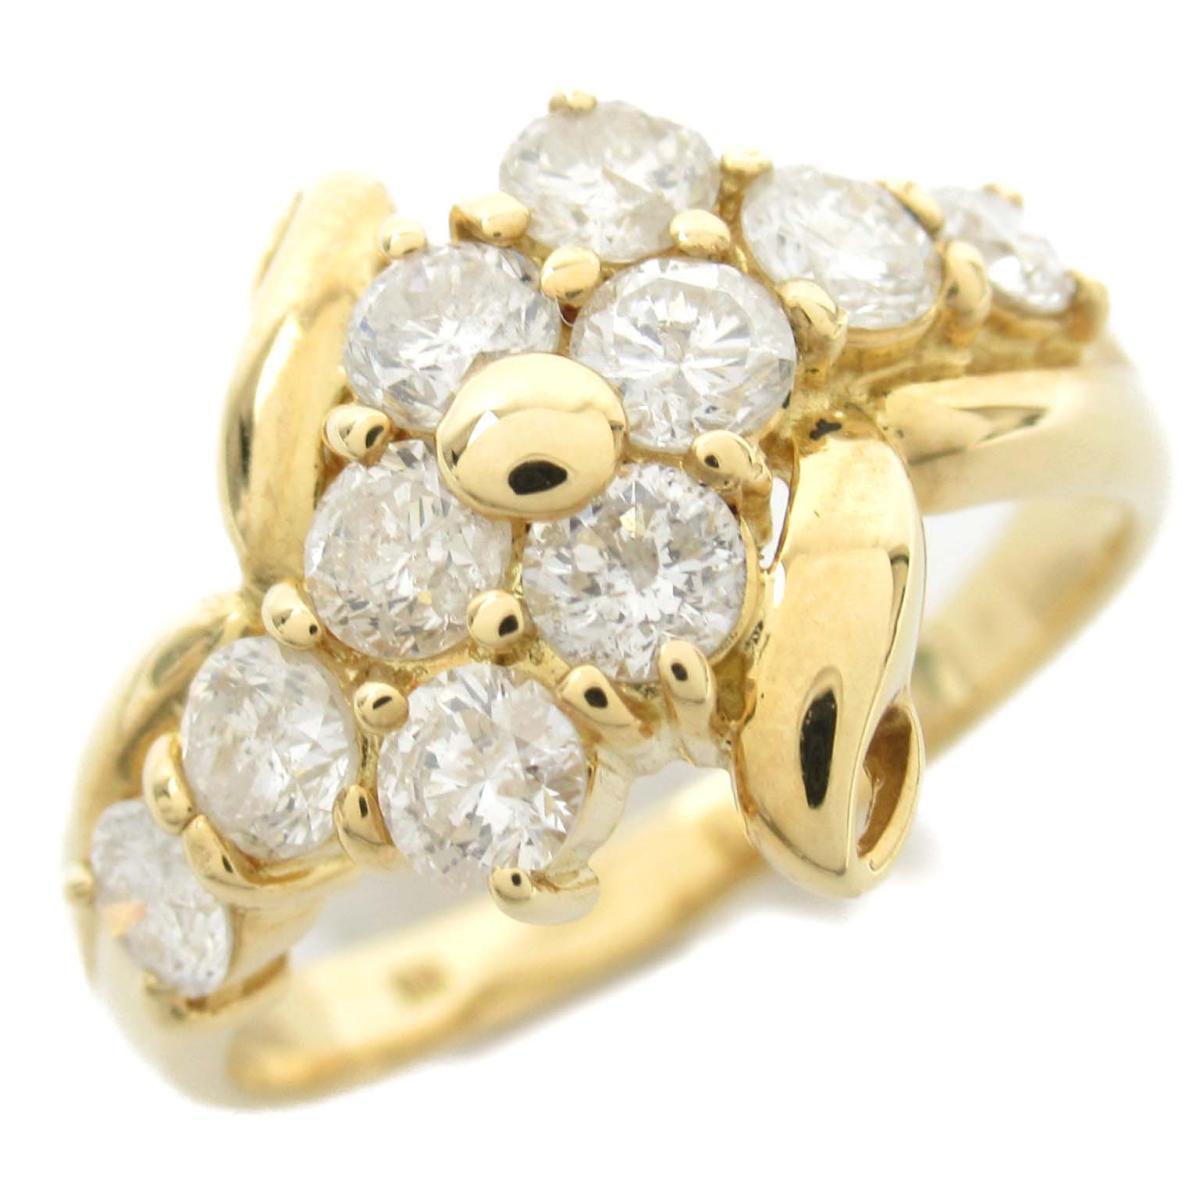 ジュエリー ダイヤモンド リング 指輪 ノーブランドジュエリー レディース 18Kイエローゴールド x ダイヤモンド1.00ct 【中古】 | JEWELRY BRANDOFF ブランドオフ アクセサリー